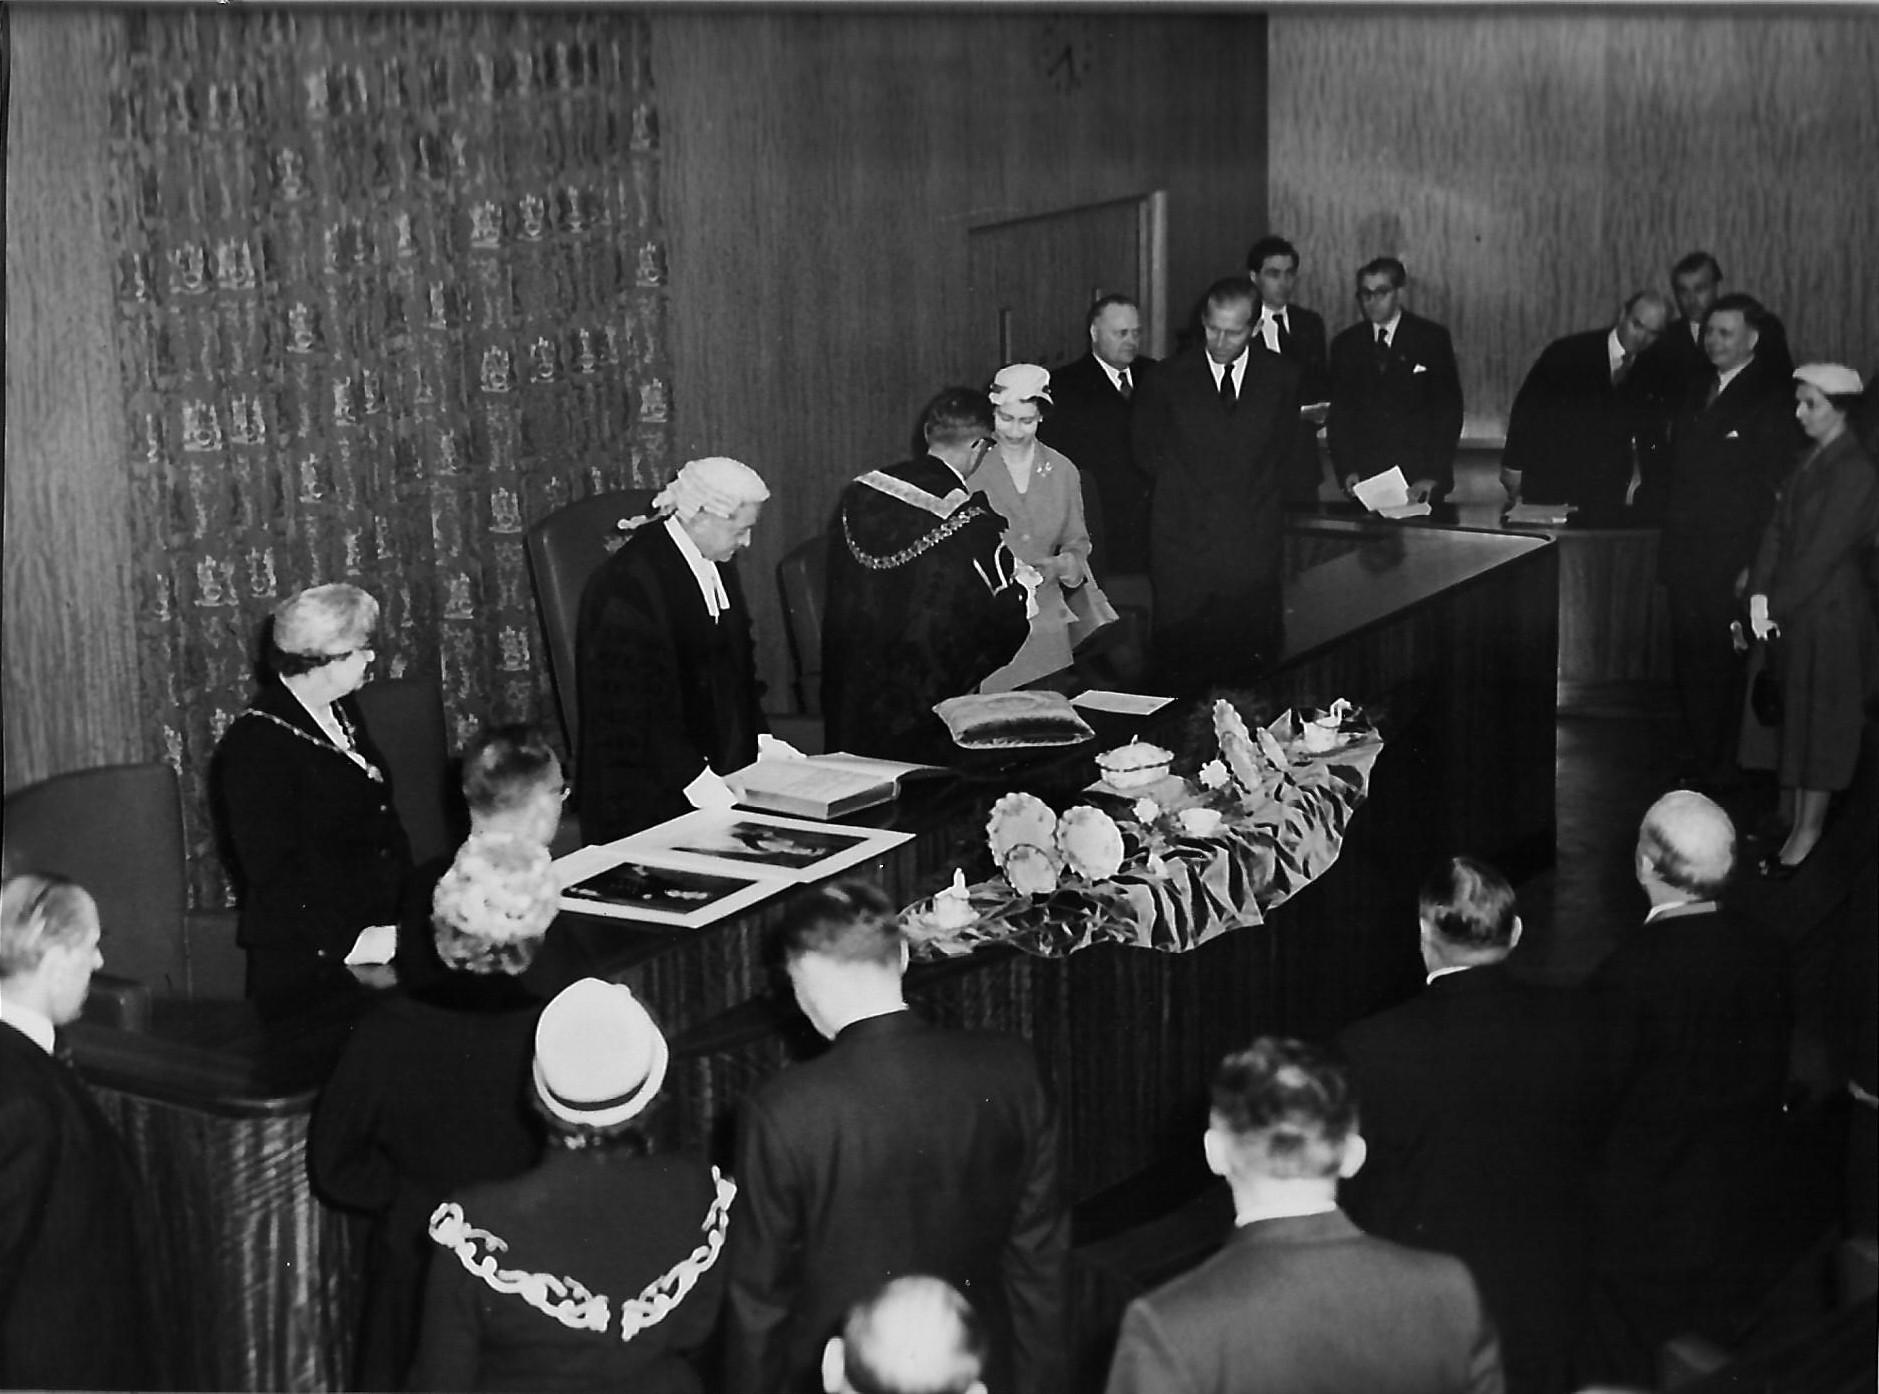 royal-crown-derby-presentation-to-queen-elizabeth-of-royal-pinxton-roses-service-1957